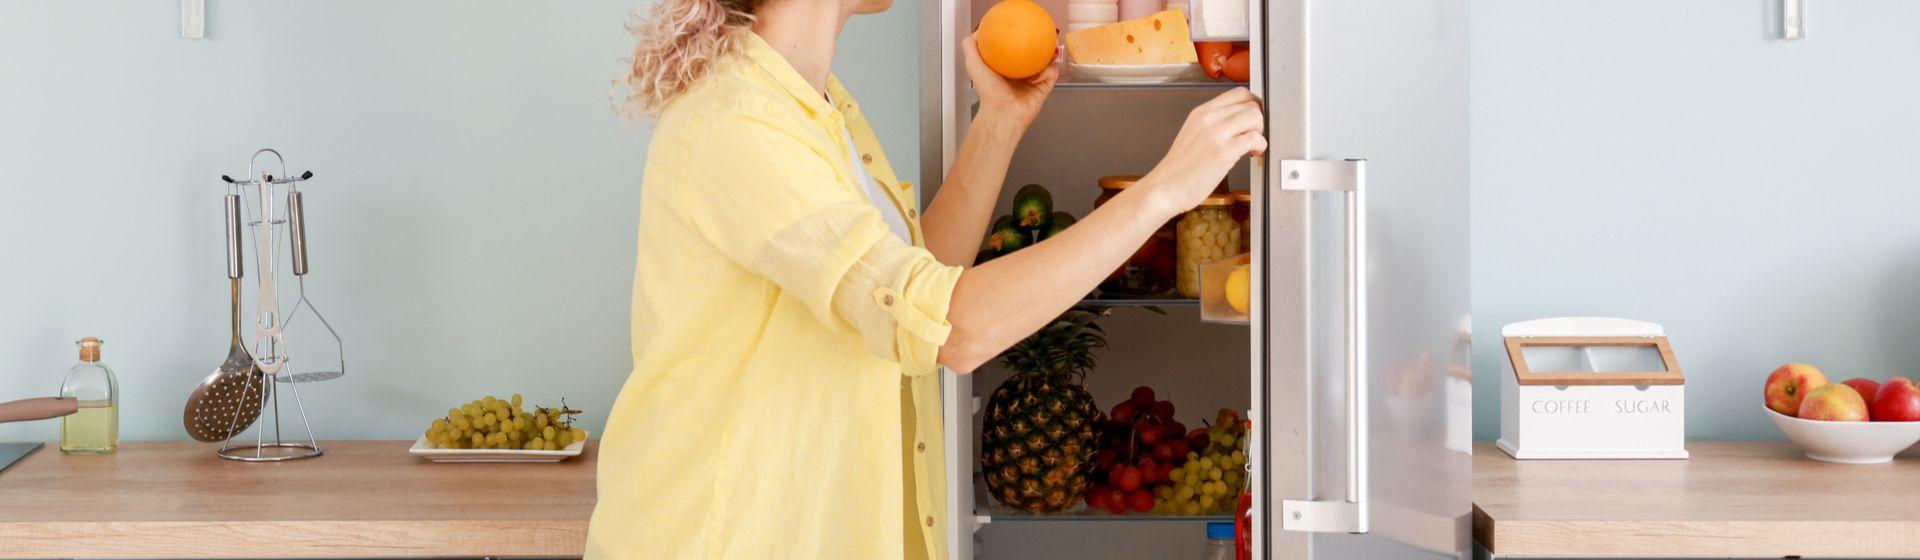 Melhor geladeira pequena para comprar em 2021